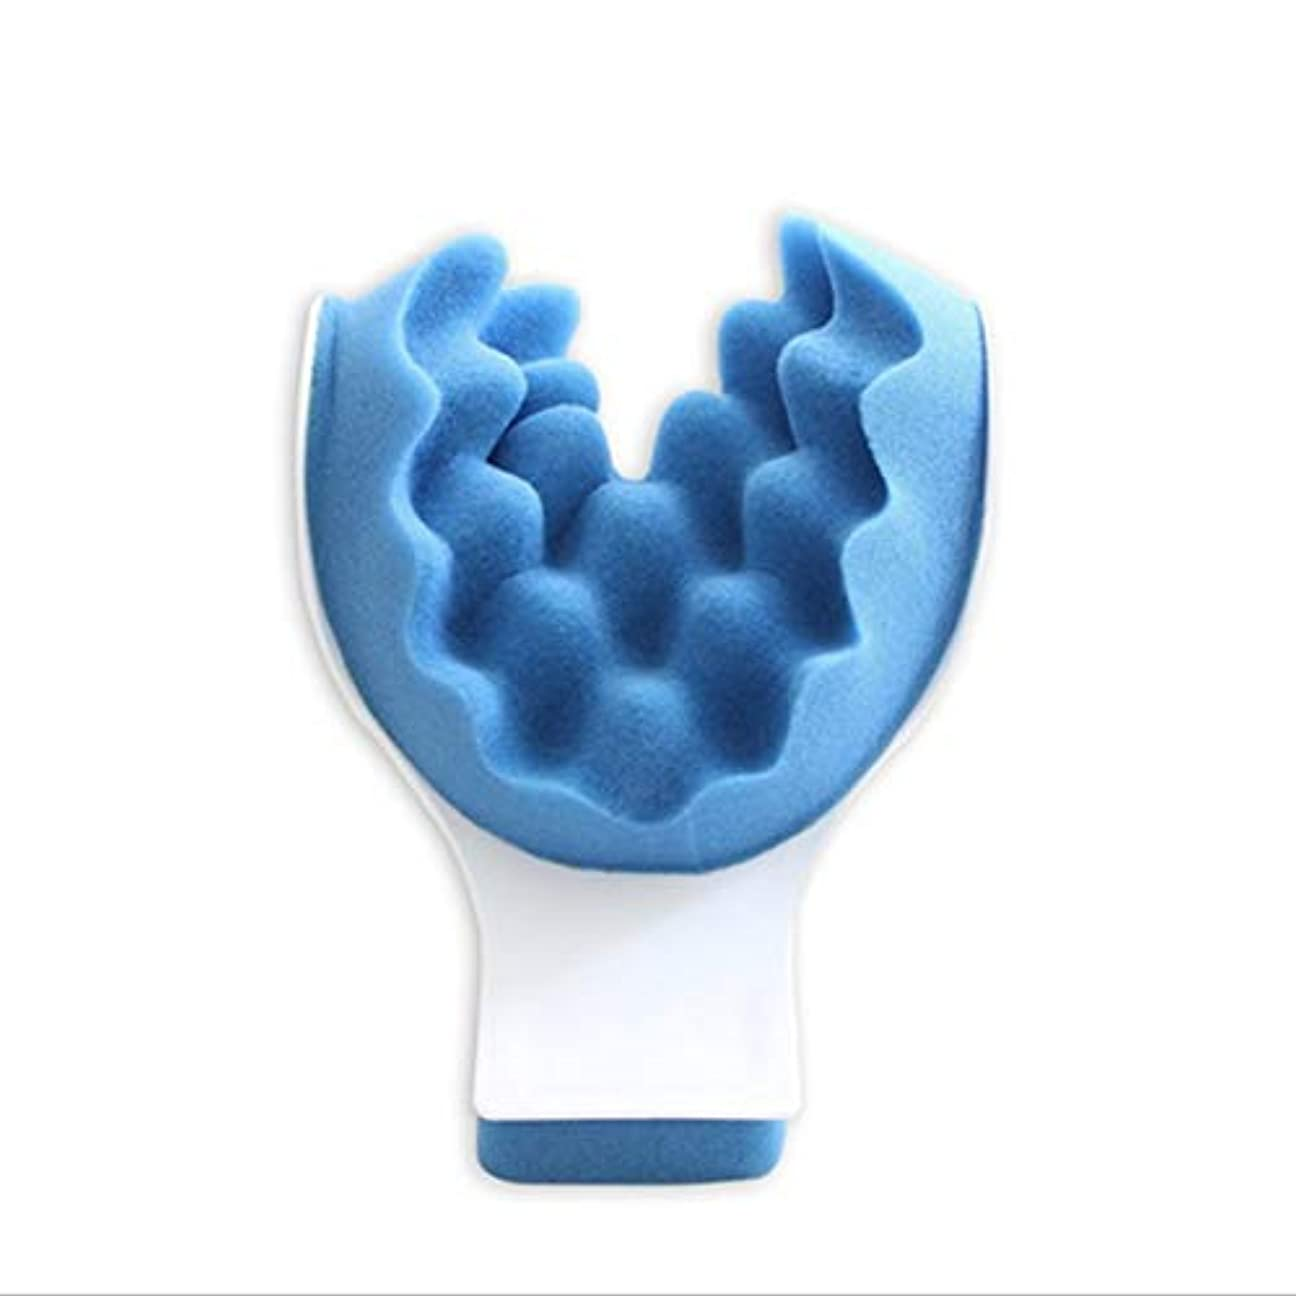 アカデミー浸食食品マッスルテンションリリーフタイトネスと痛みの緩和セラピーティックネックサポートテンションリリーフネック&ショルダーリラクサー - ブルー